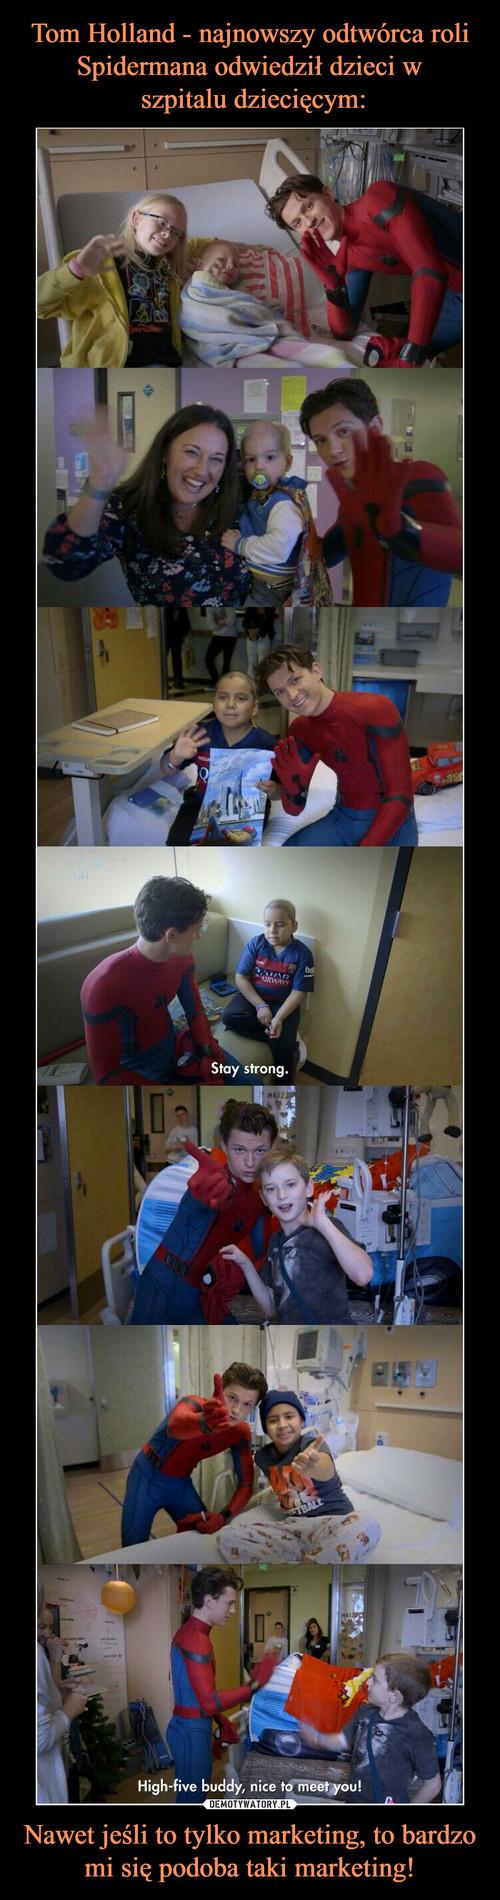 Tom Holland - najnowszy odtwórca roli Spidermana odwiedził dzieci w  szpitalu dziecięcym: Nawet jeśli to tylko marketing, to bardzo mi się podoba taki marketing!